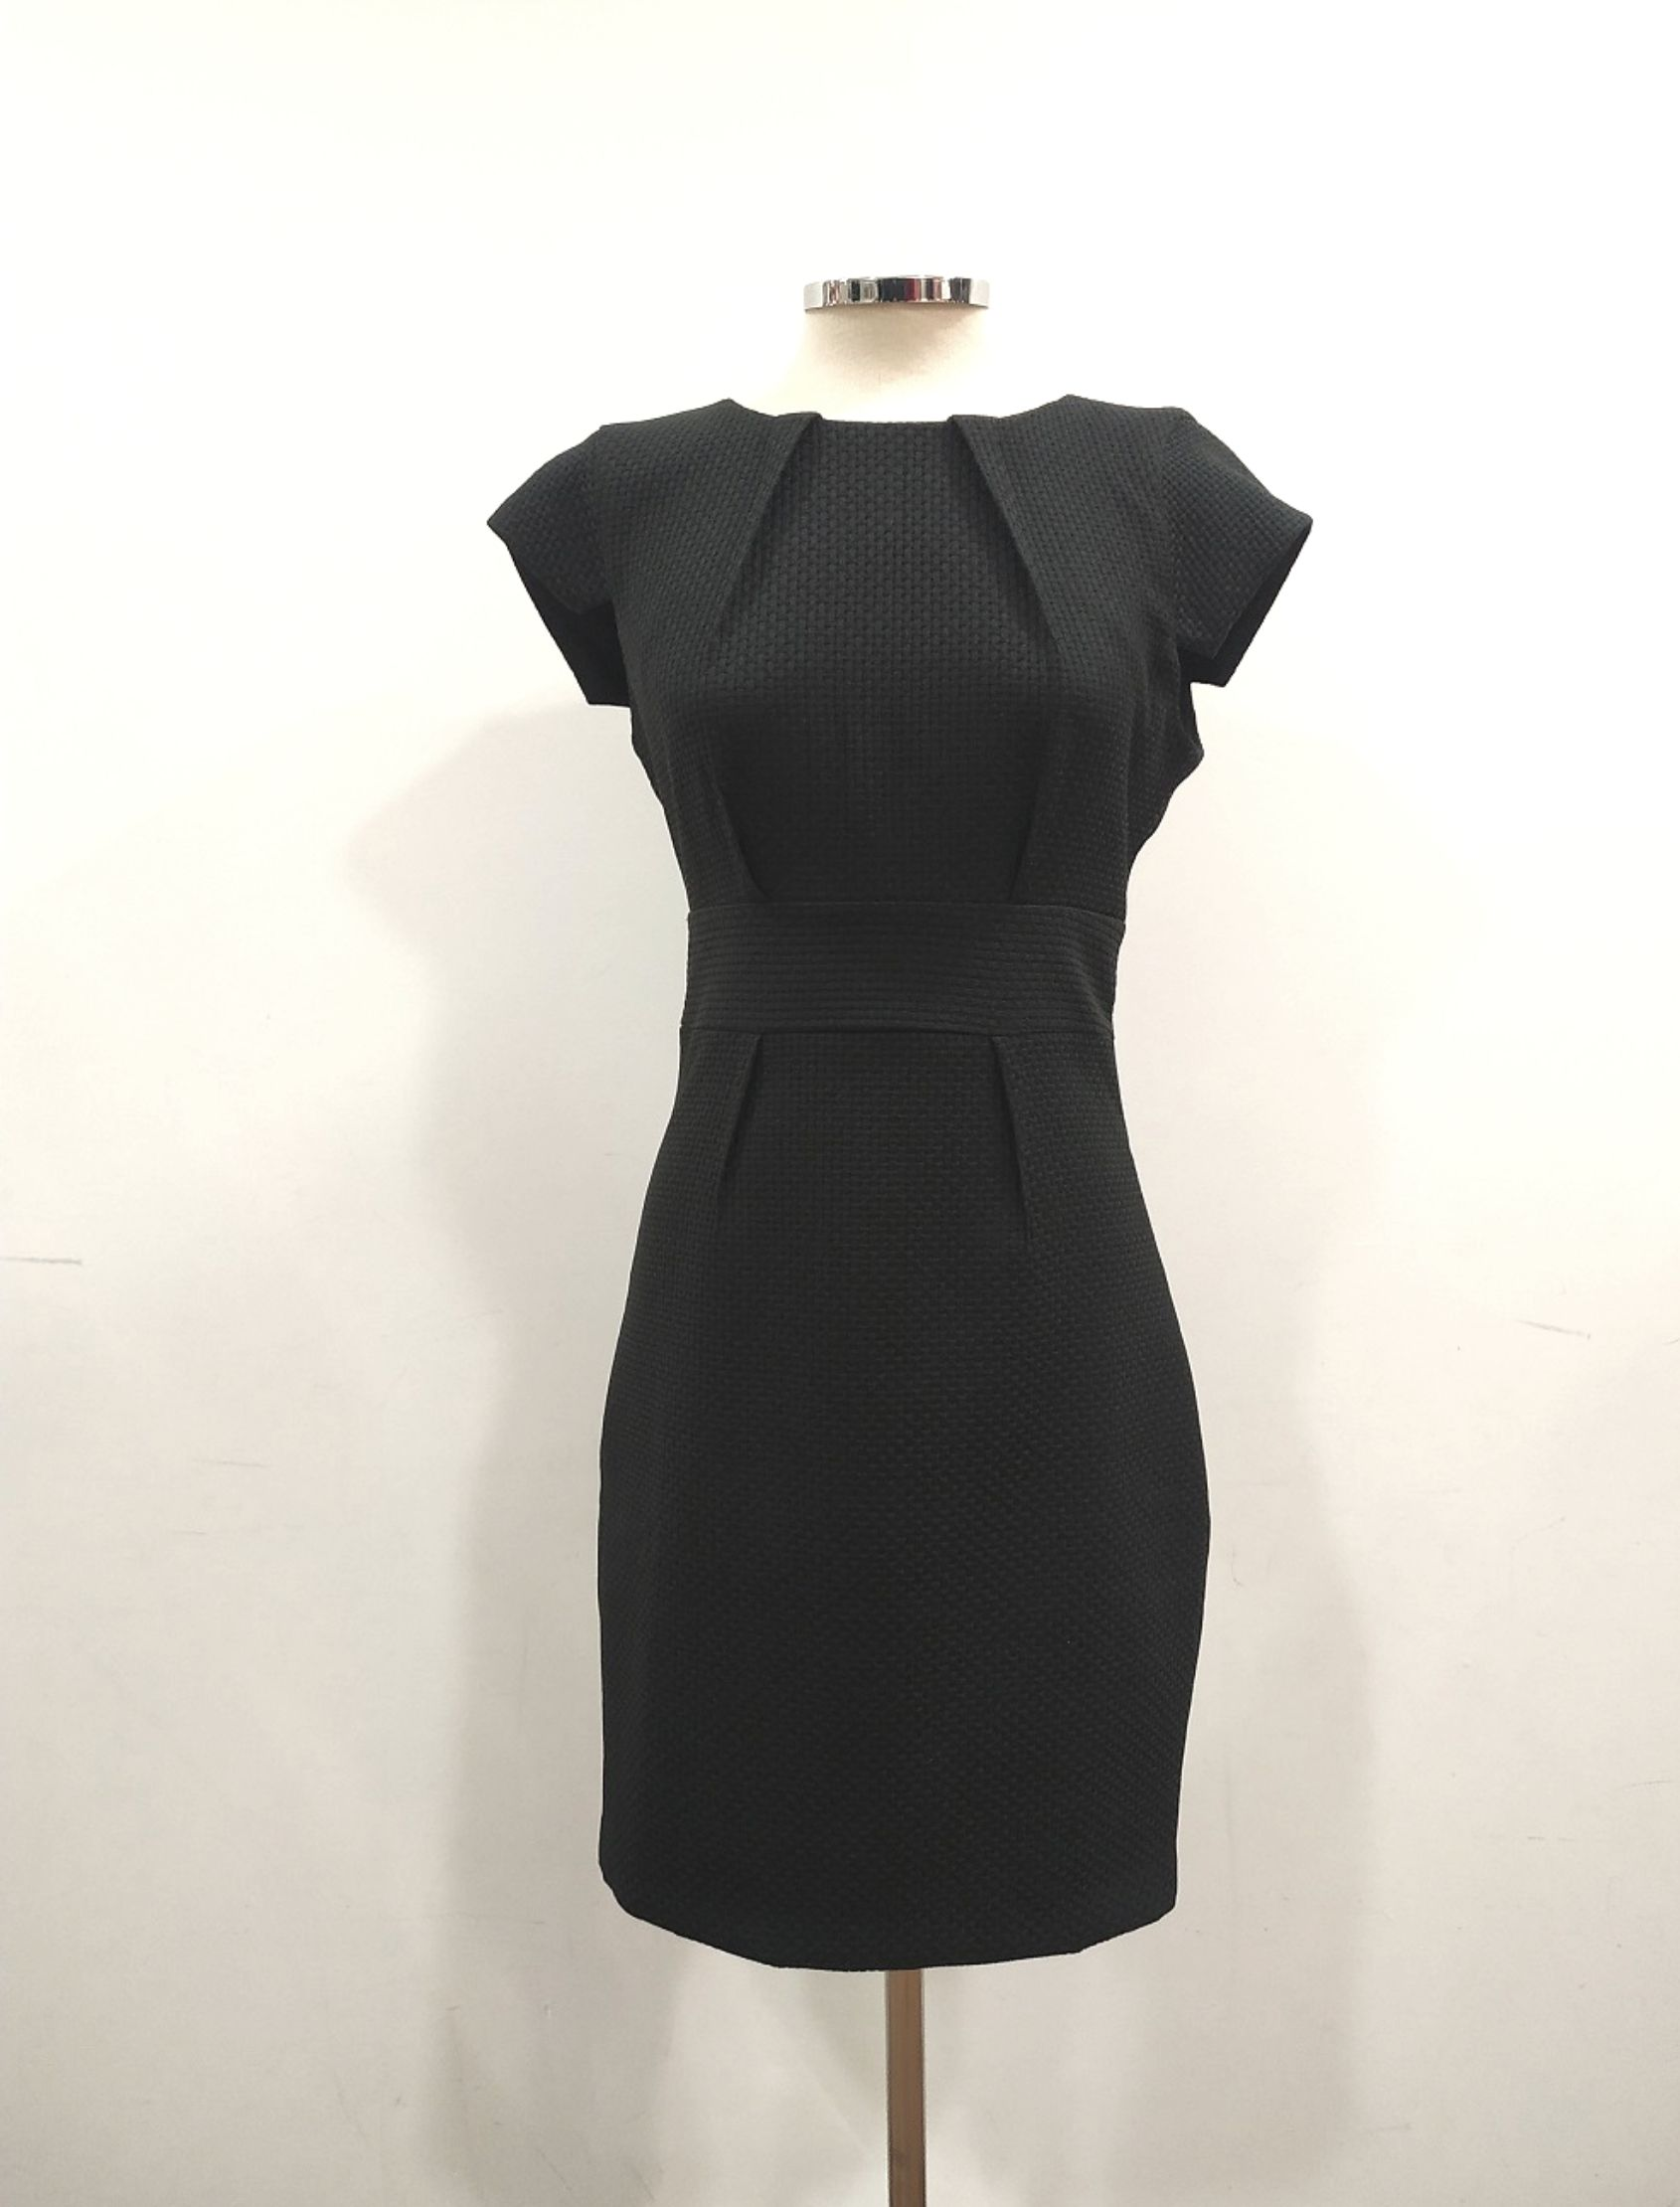 vestido negro de corte lapiz con cierre en cremallera por la espalda